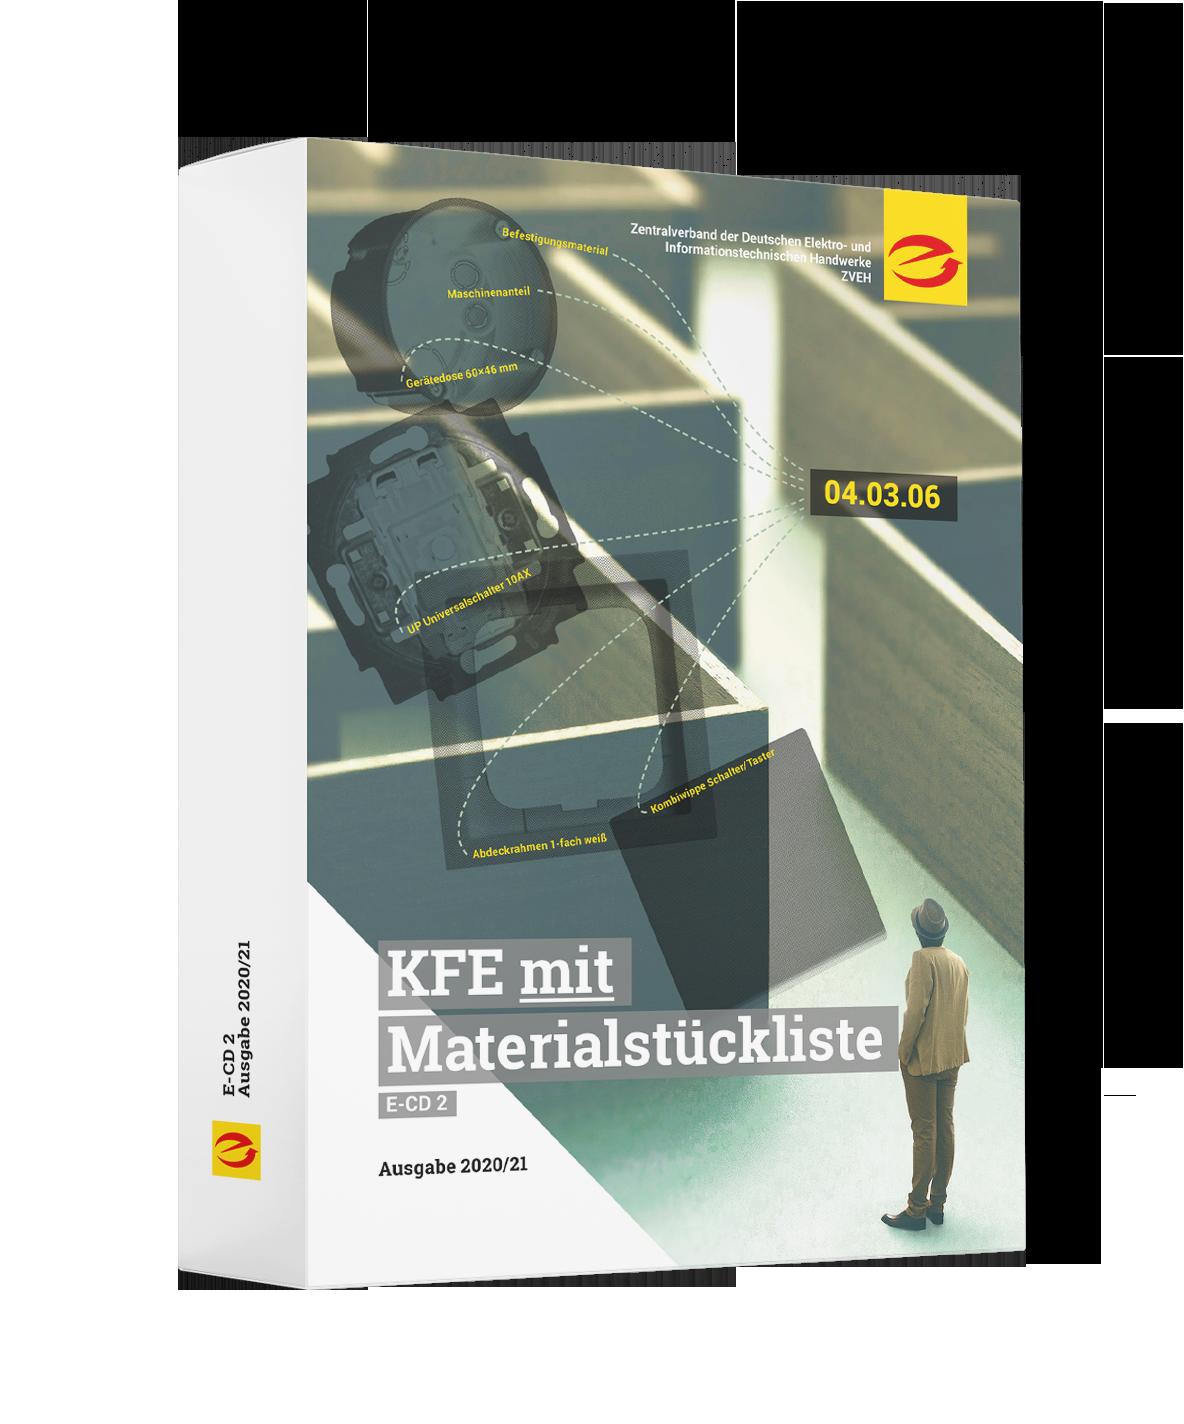 KFE-Daten mit Materialstückliste, Ausgabe 2020/21 (ehemals E-CD 2)